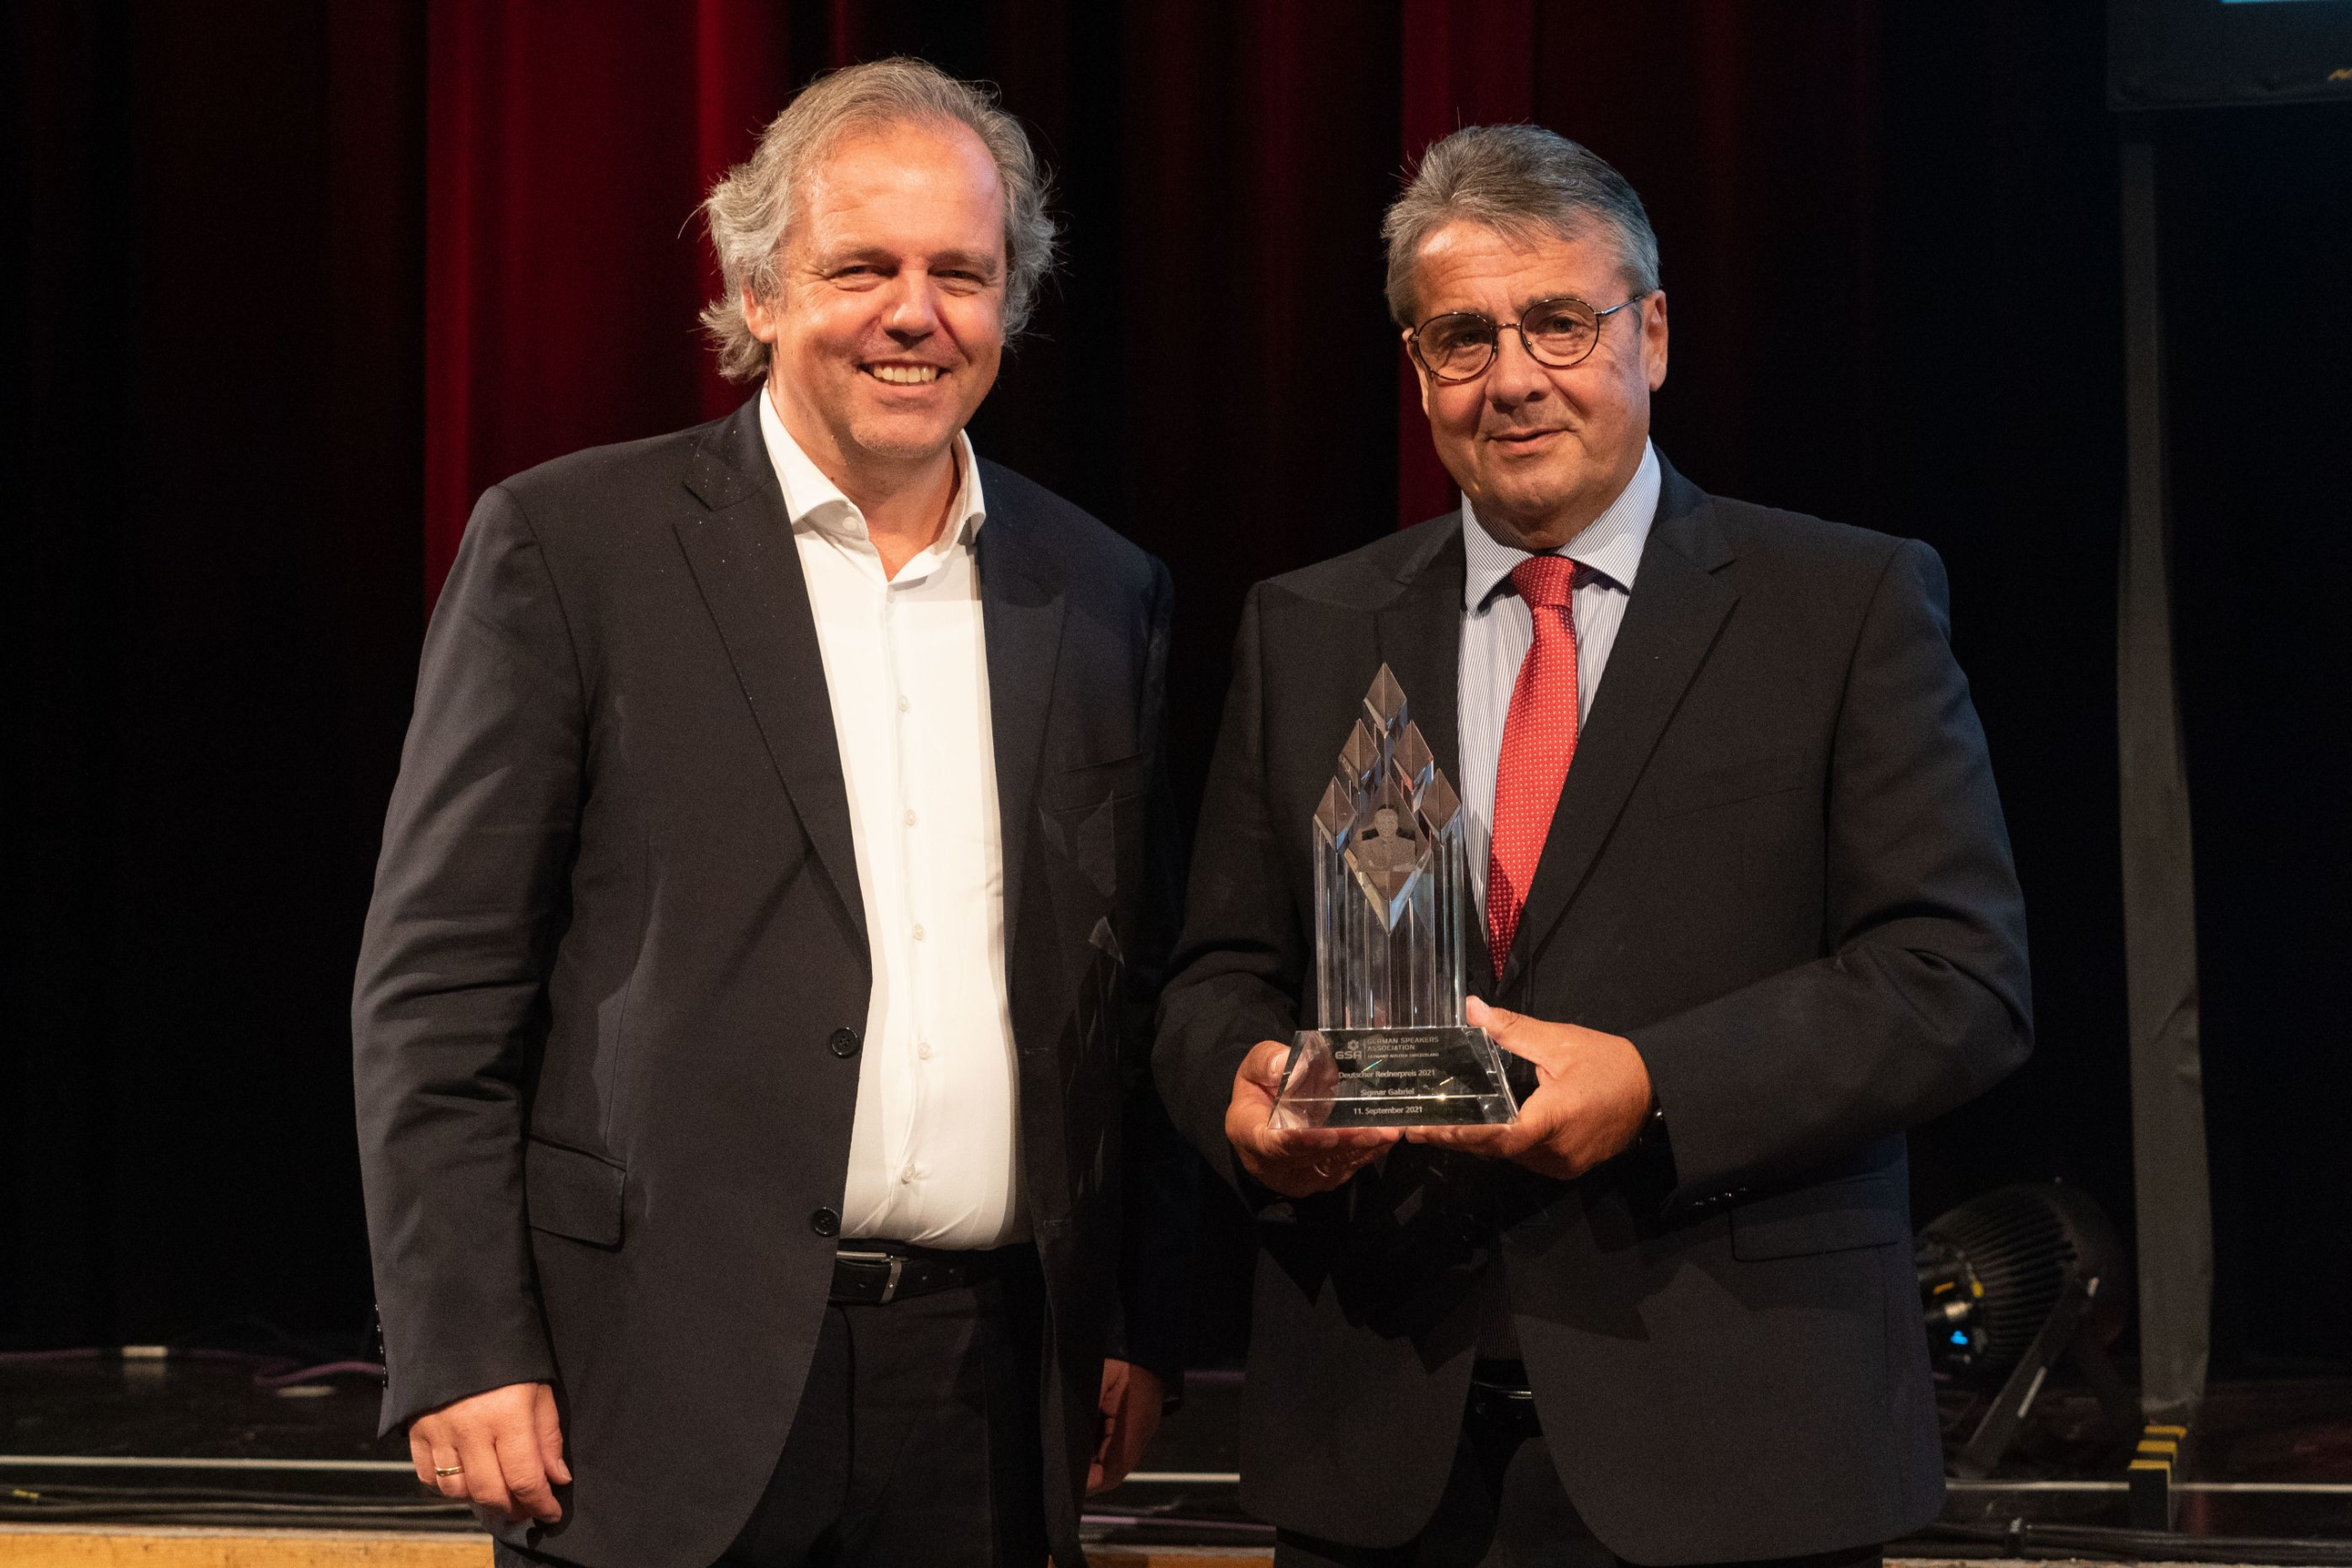 Verleihung des Deutschen Rednerpreises und weitere Auszeichnungen und Würdigungen beim Jahreskongress der German Speakers Association